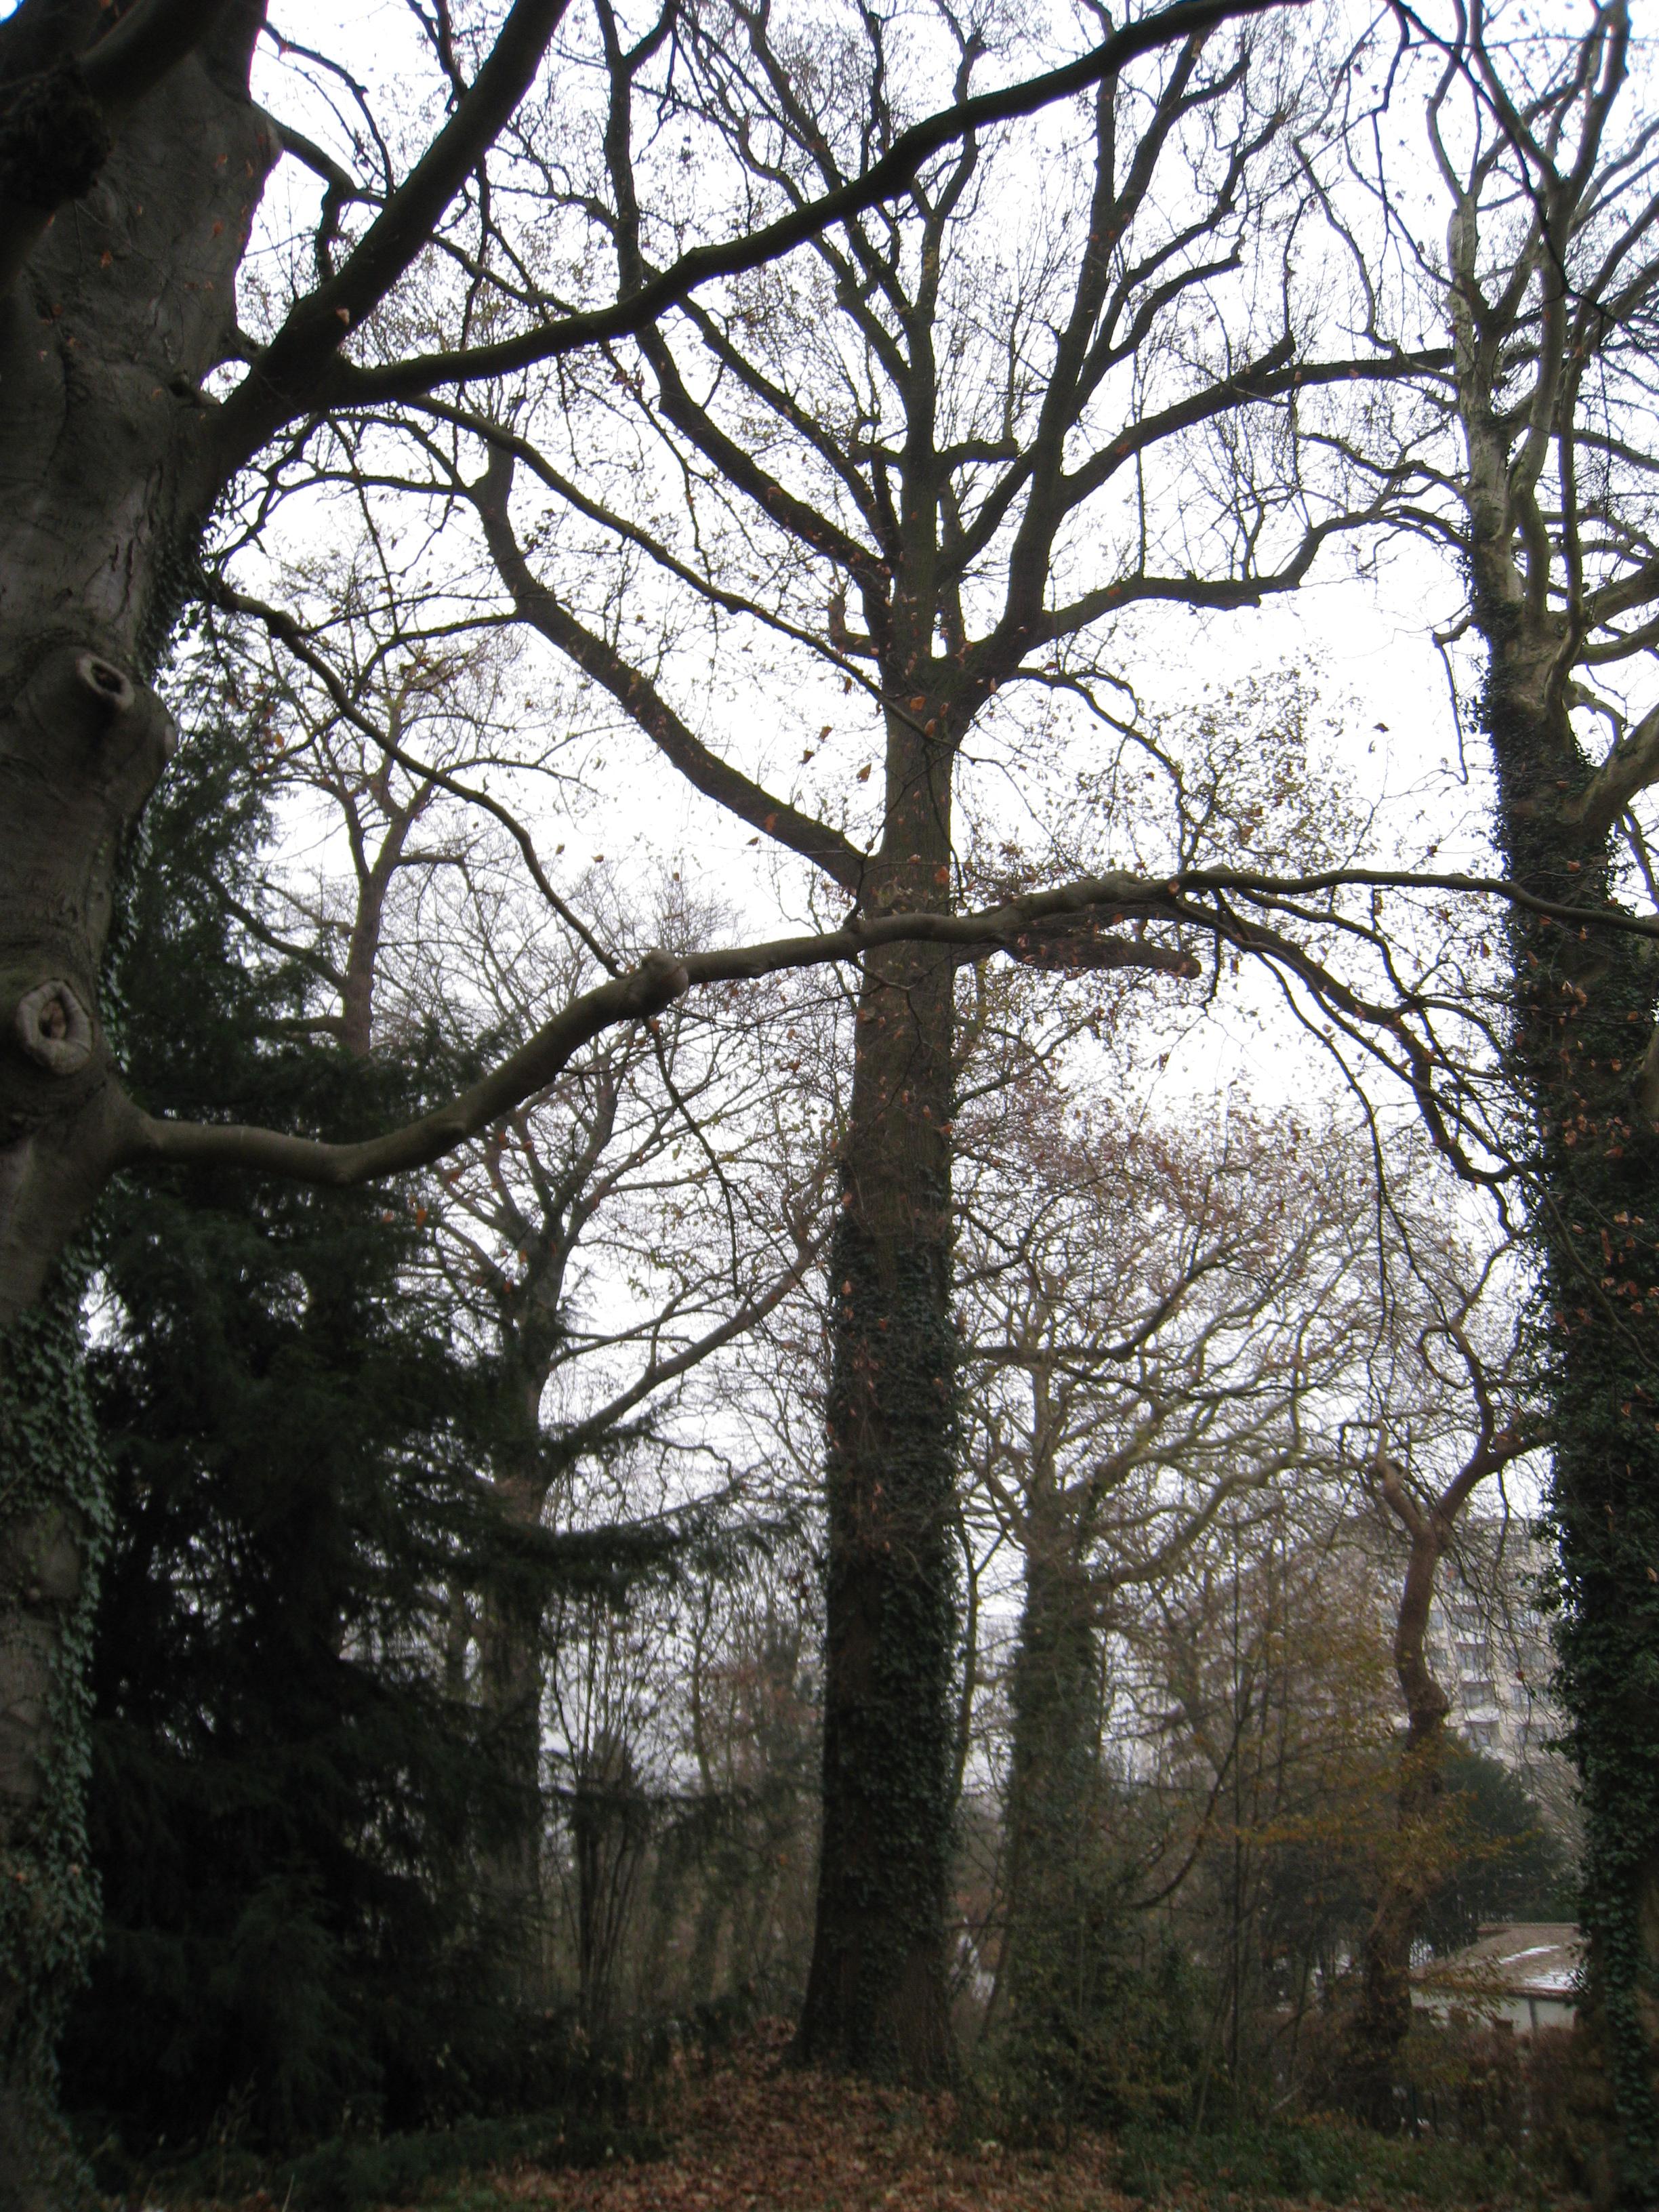 Chêne pédonculé – Jette, Parc Titeca, Avenue de l'Exposition Universelle, 425 –  08 Décembre 2010